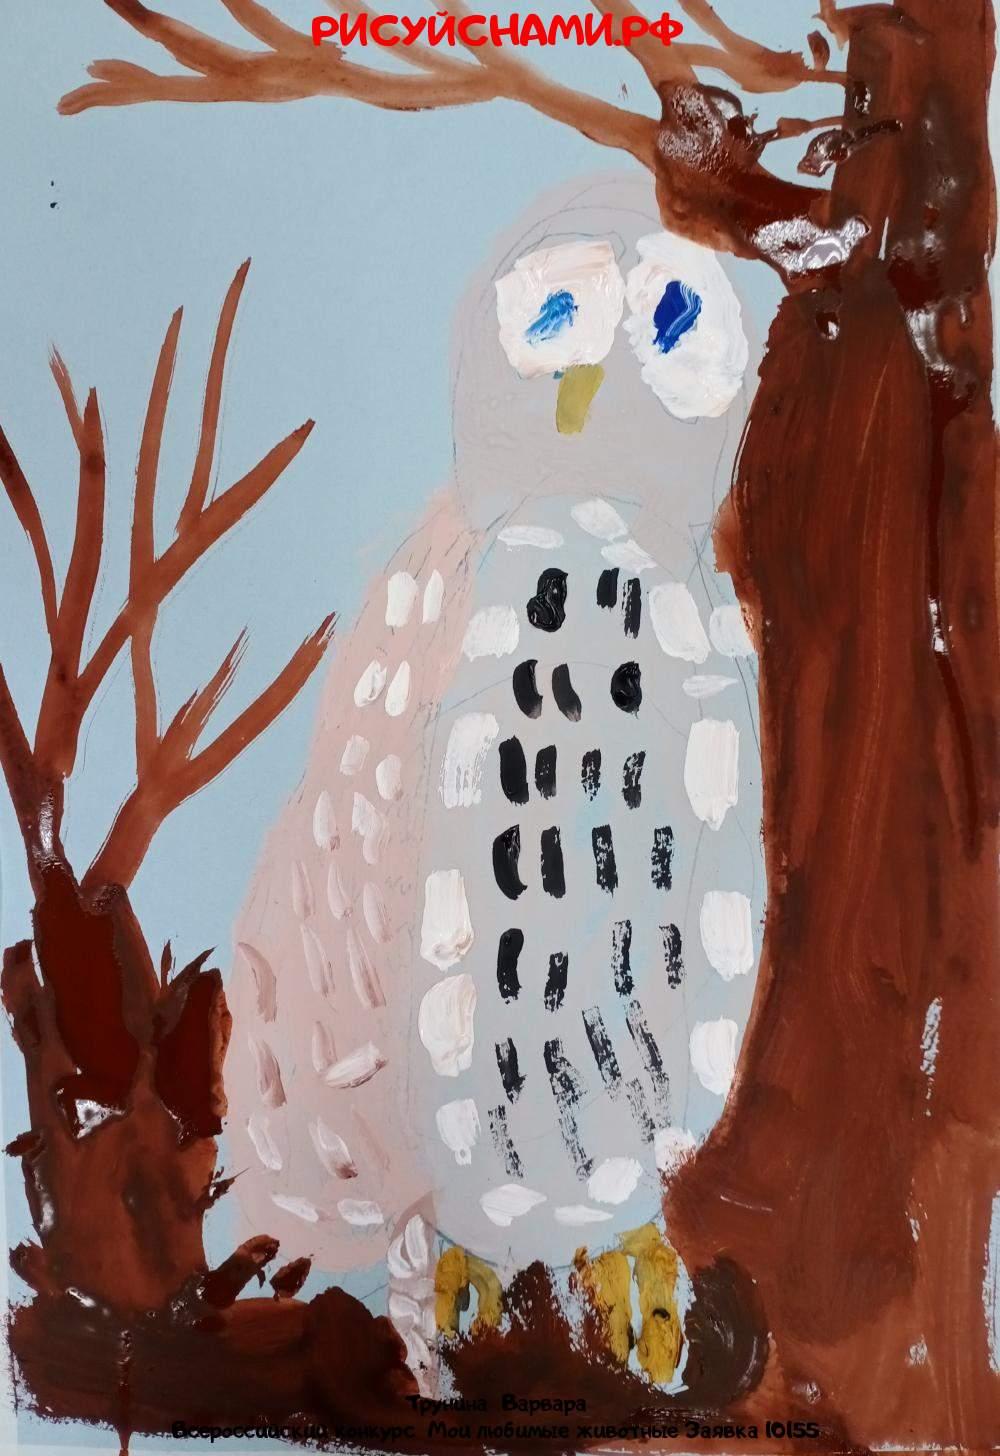 Всероссийский конкурс  Мои любимые животные Заявка 10155  творческие конкурсы рисунков для школьников и дошкольников рисуй с нами #тмрисуйснами рисунок и поделка - Трунина  Варвара